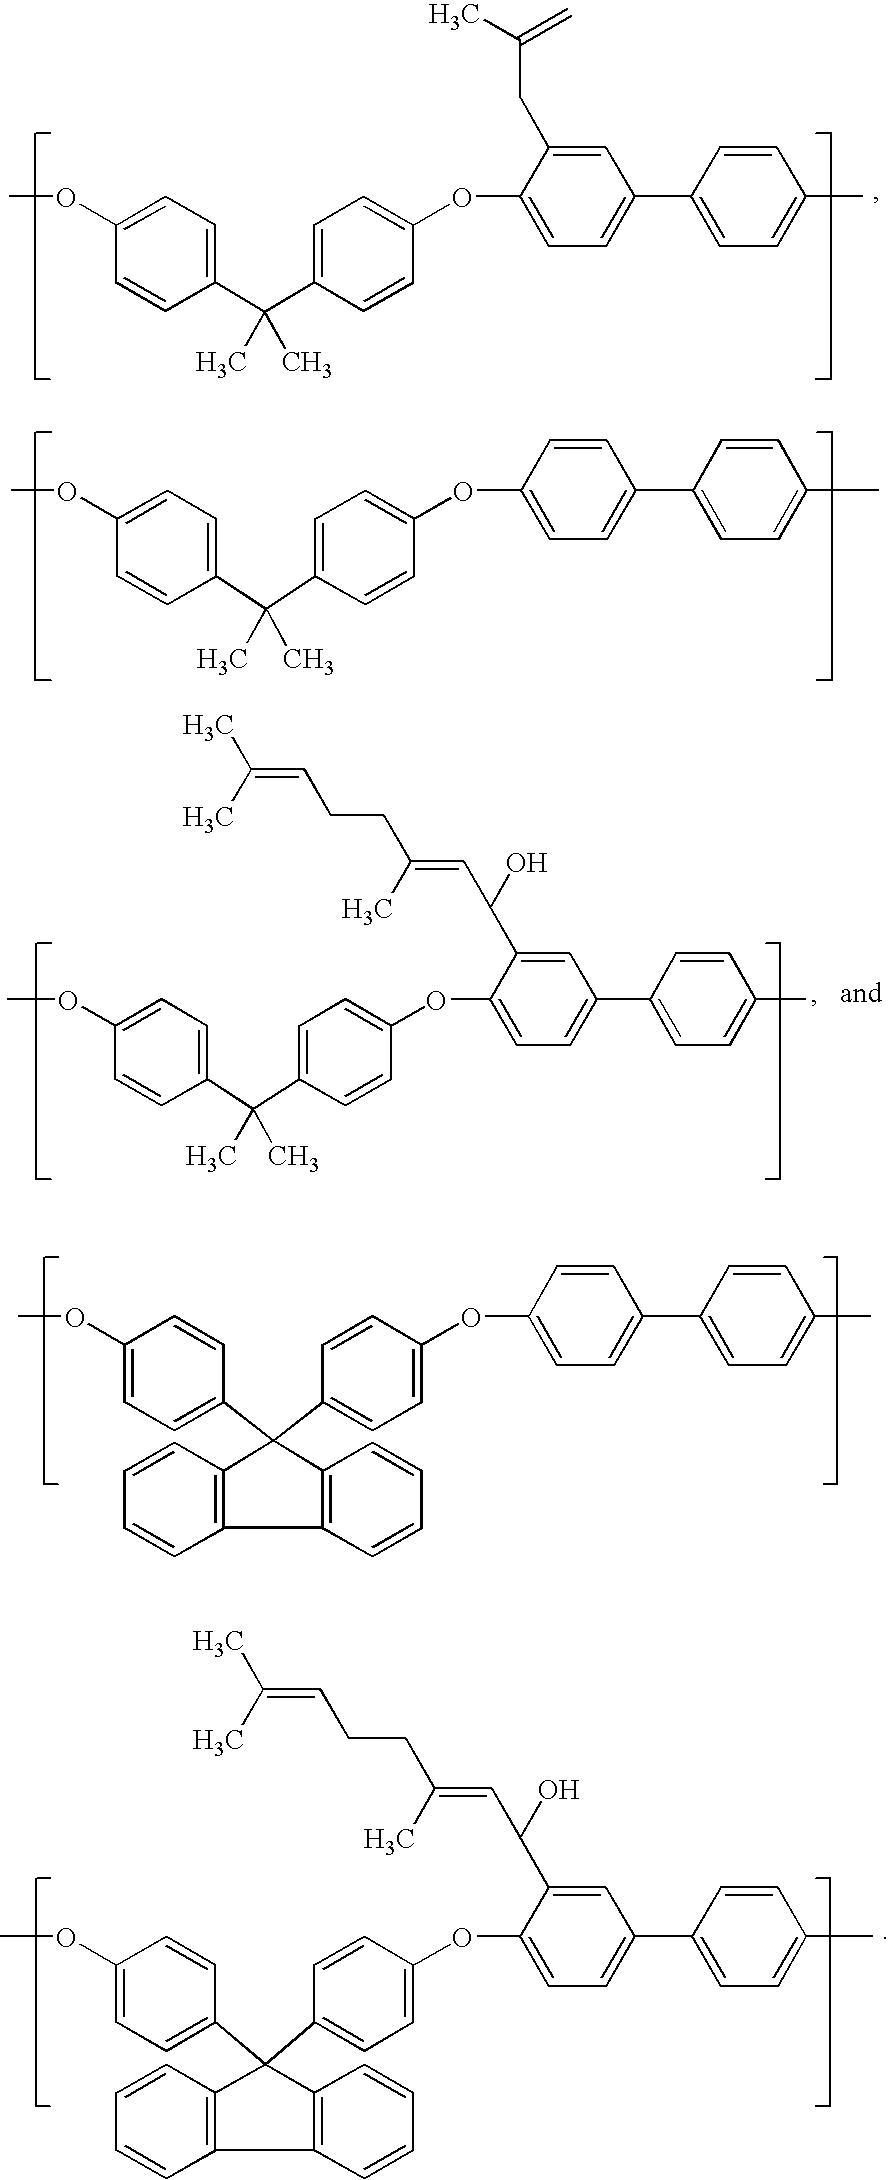 Figure US06716955-20040406-C00009